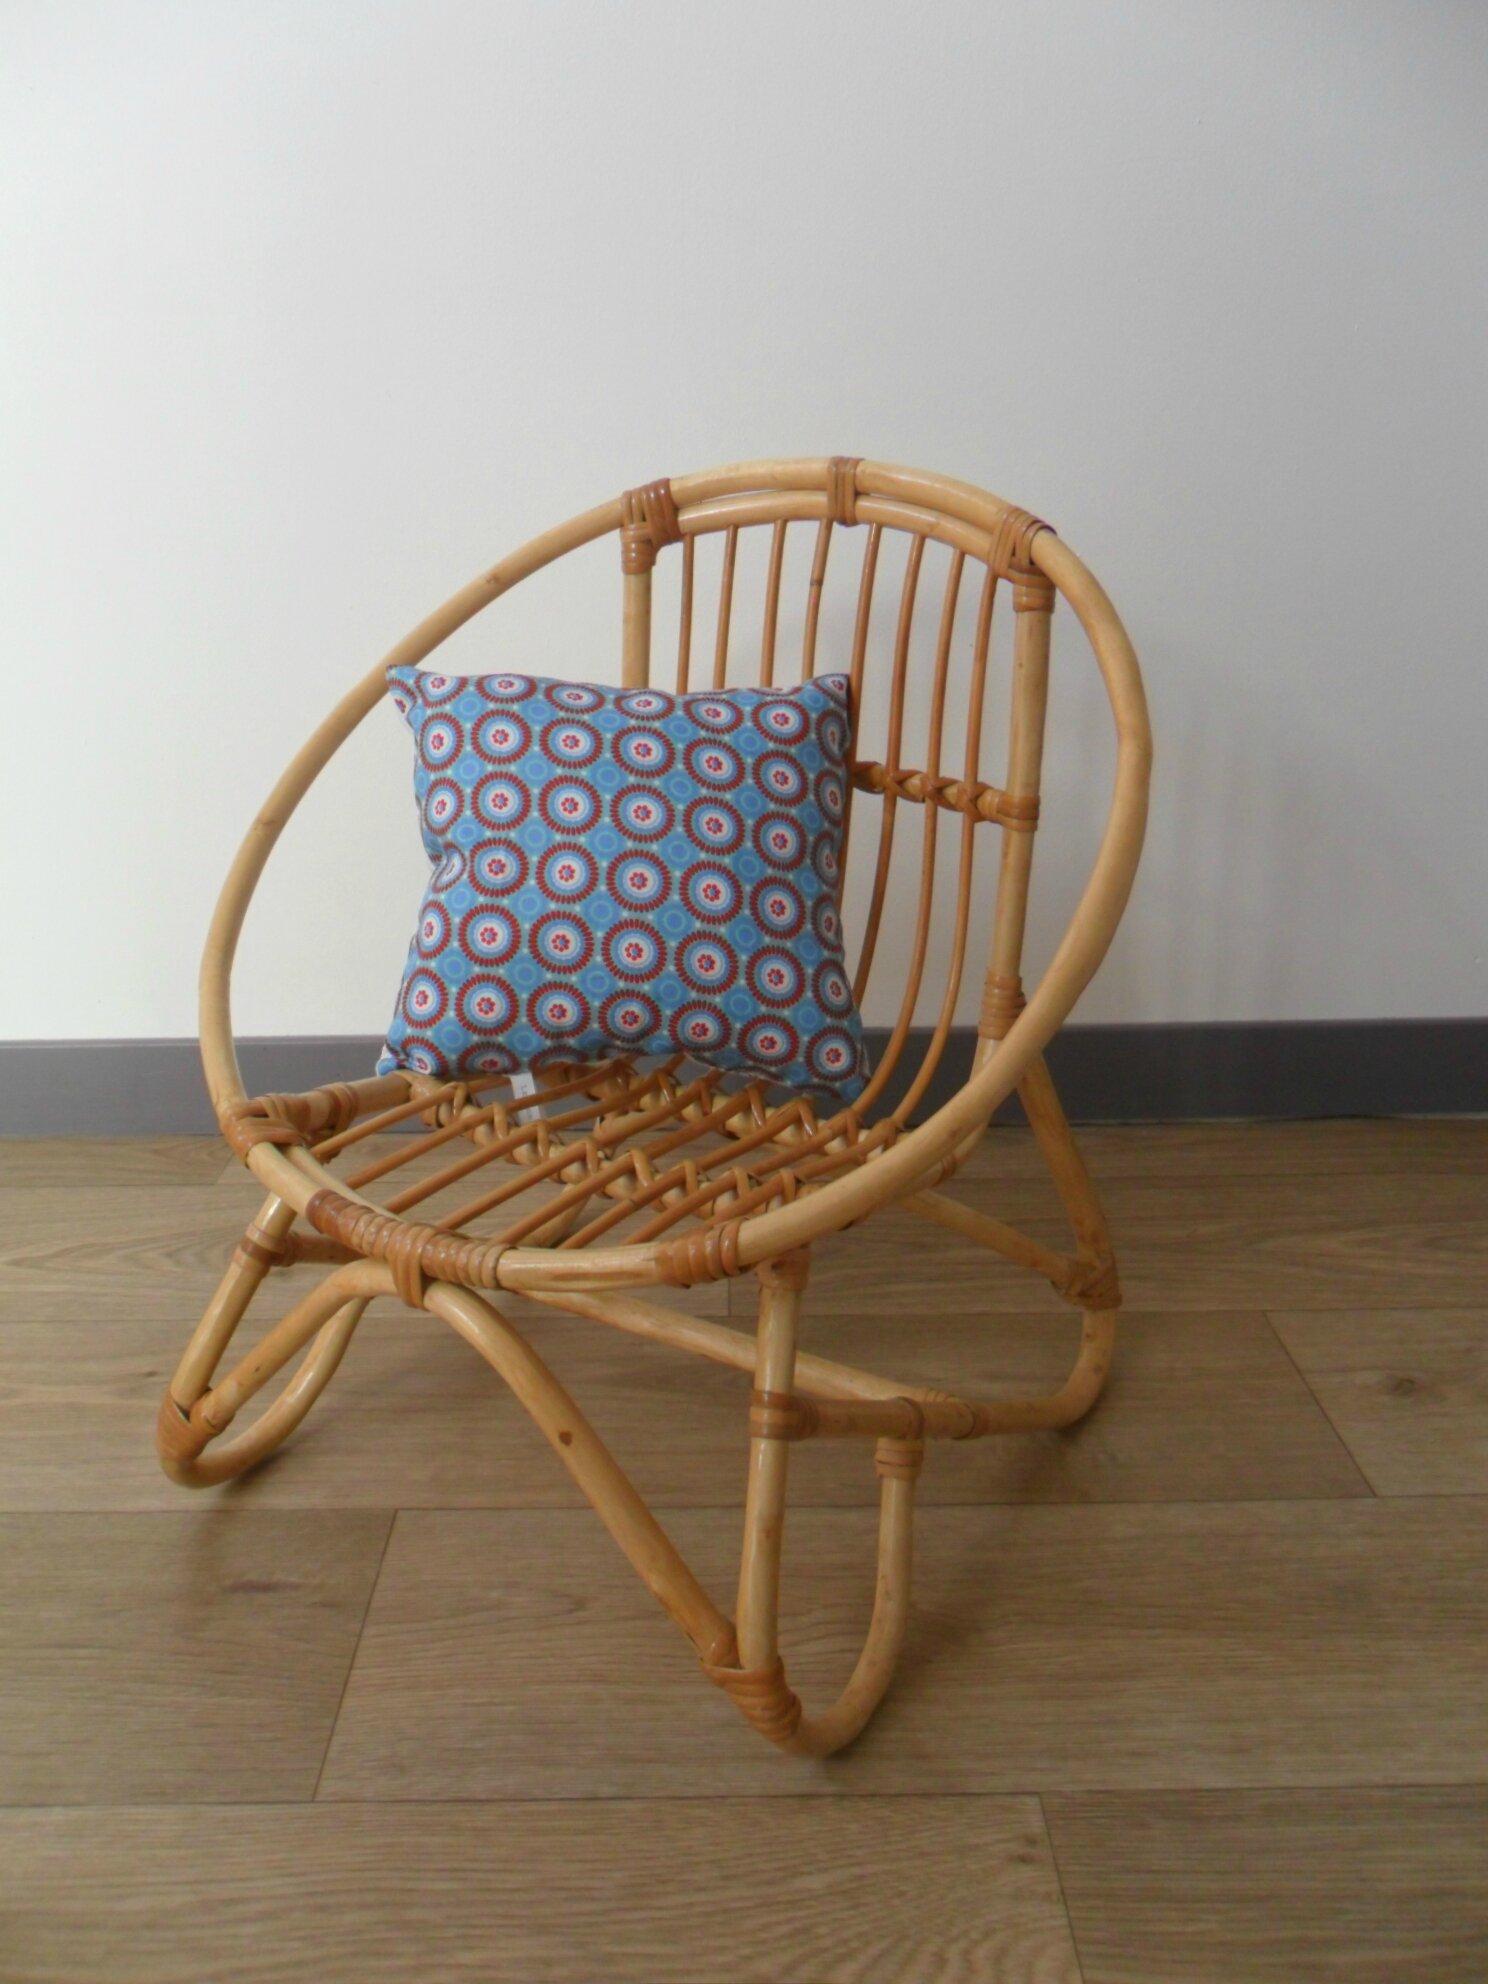 Fauteuil / chaise vintage en rotin / osier pour enfant ANCIEN réservé€ frais de port 10€ contacter l'auteur pour commander, plus de photos dans la rubrique PAGES